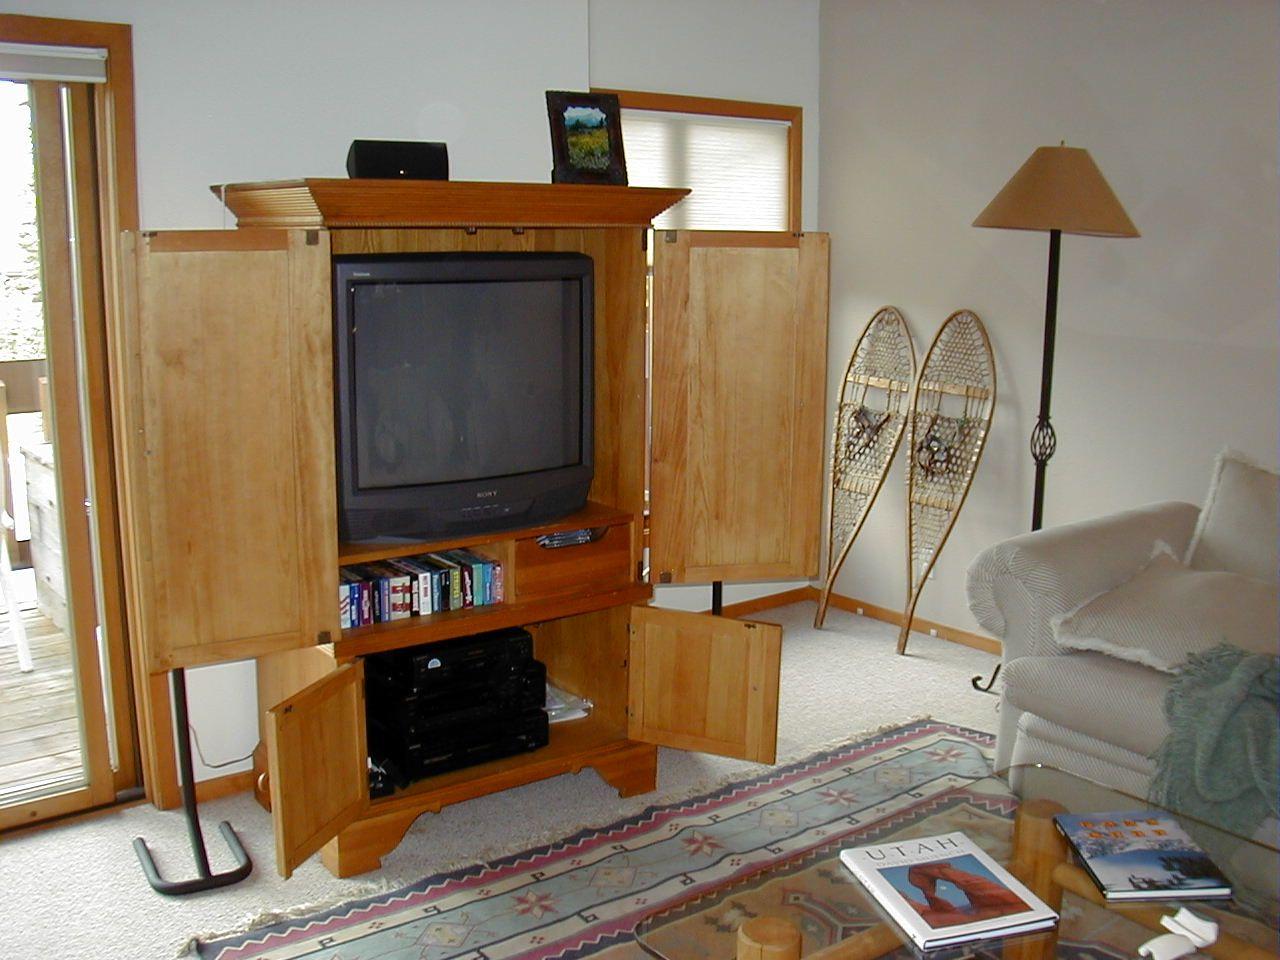 Interior design-ideen wohnzimmer mit tv zeitgenössische wohnzimmer mit tv wand ideen möbel die dekoration